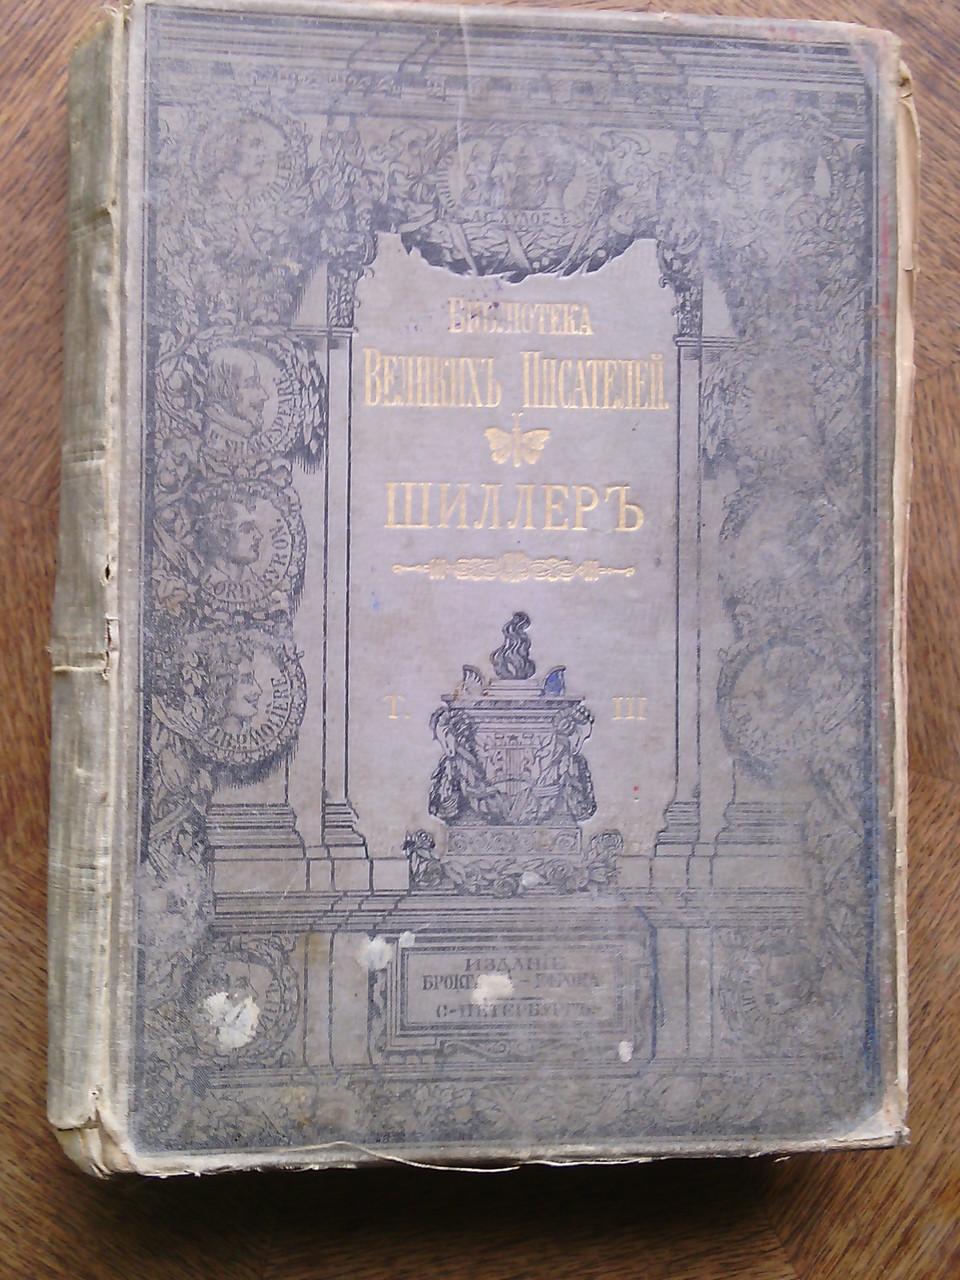 Шиллер том 3 1901 год Библиотека Великих писателей